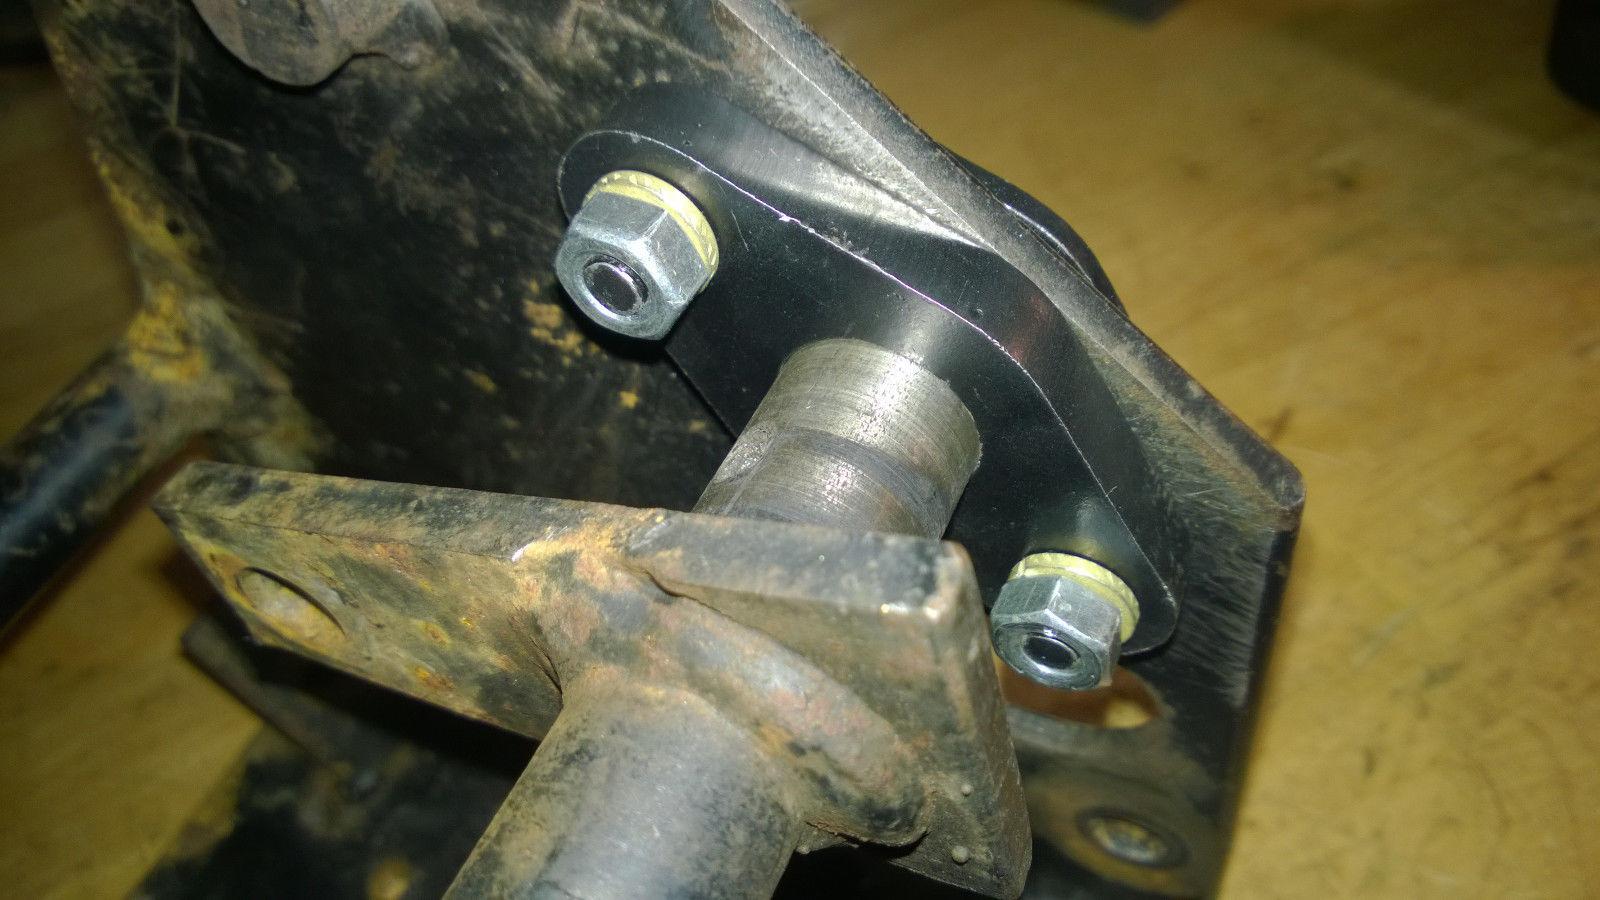 Mule Drive Repair Kit For Deere 140 300 314 316 317 318 322 332 John Wiring Harness